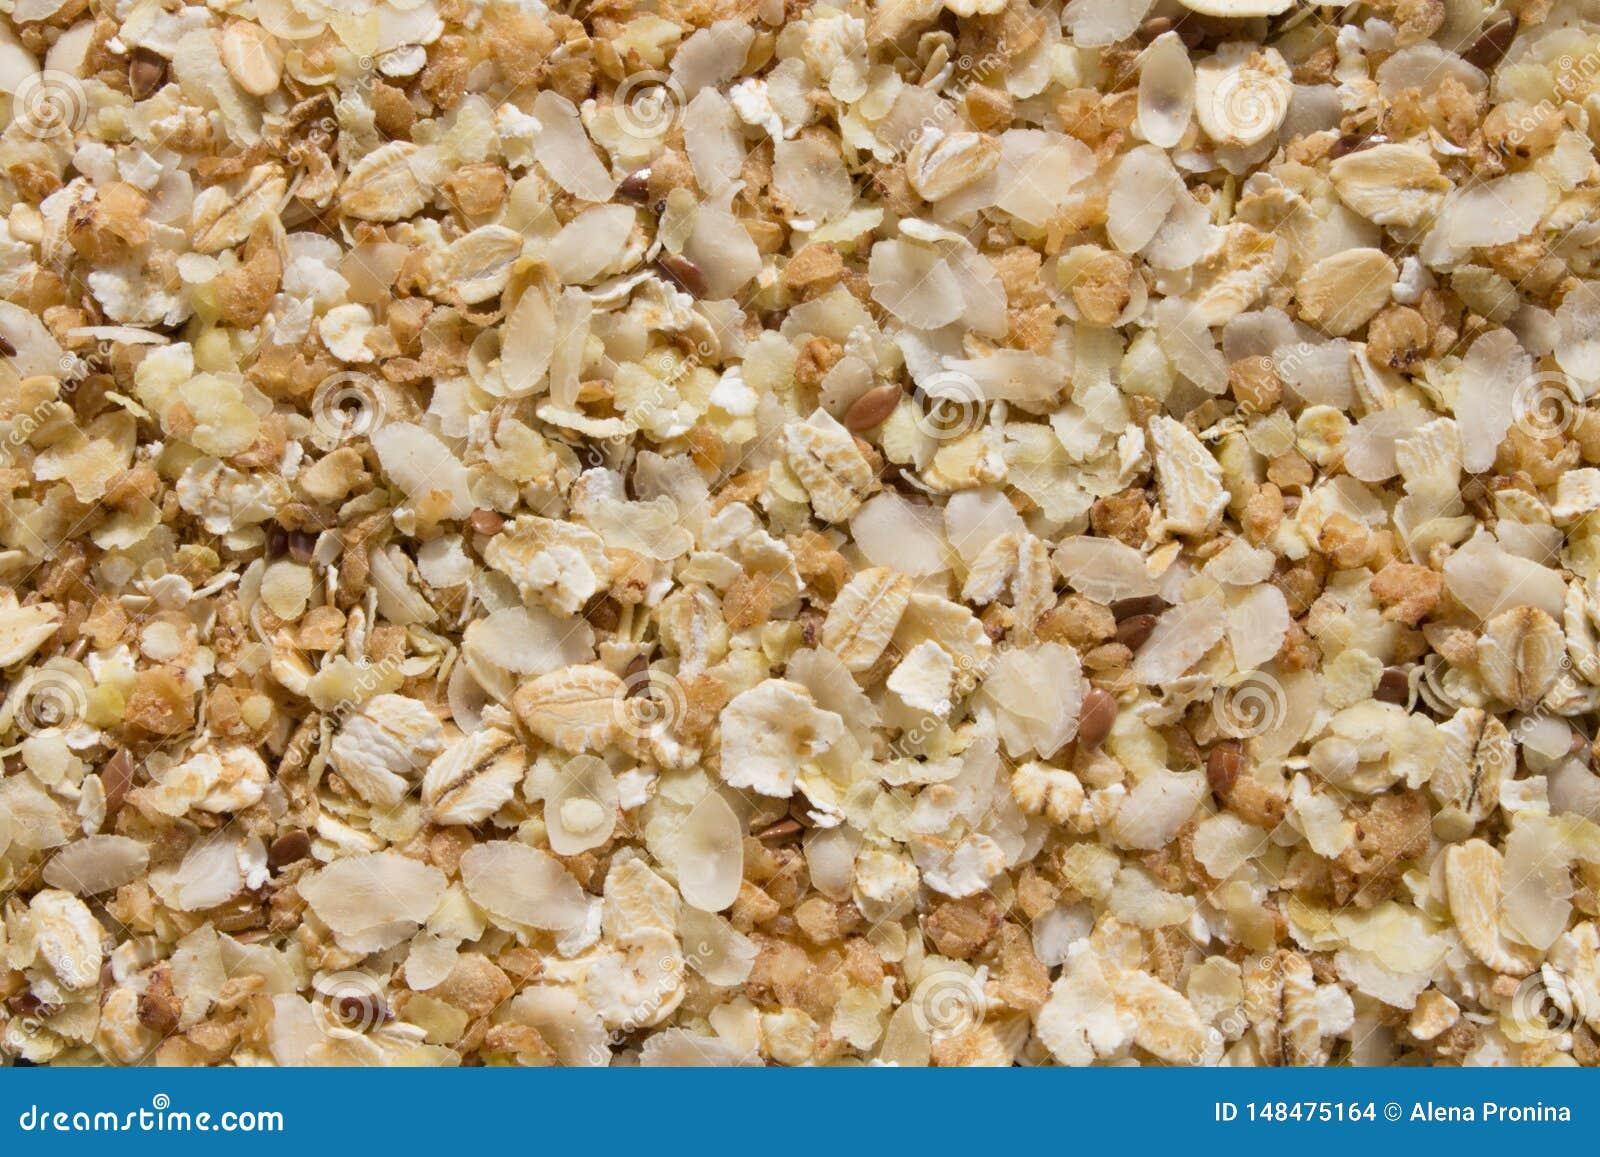 米、燕麦、荞麦剥落和亚麻籽混合物的背景